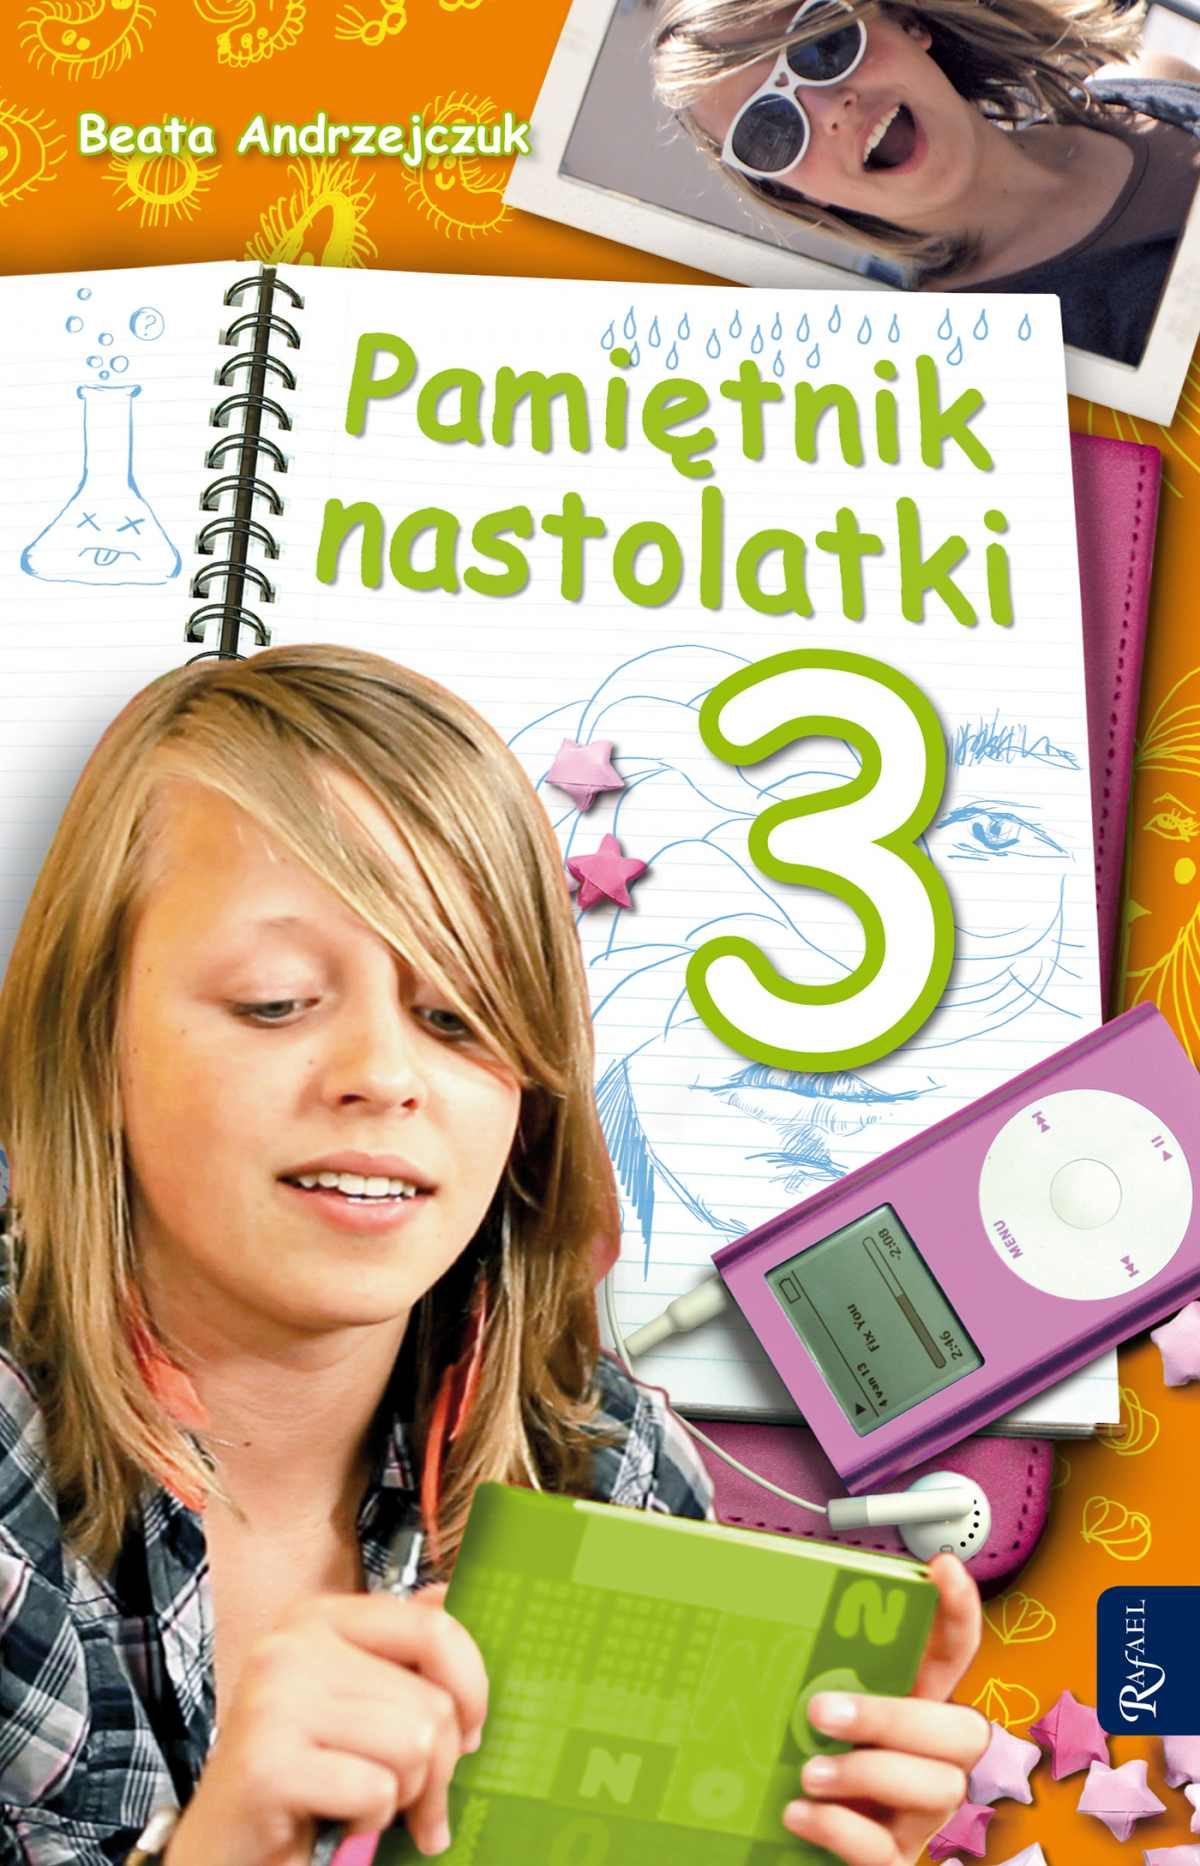 Pamiętnik nastolatki 3 - Ebook (Książka EPUB) do pobrania w formacie EPUB